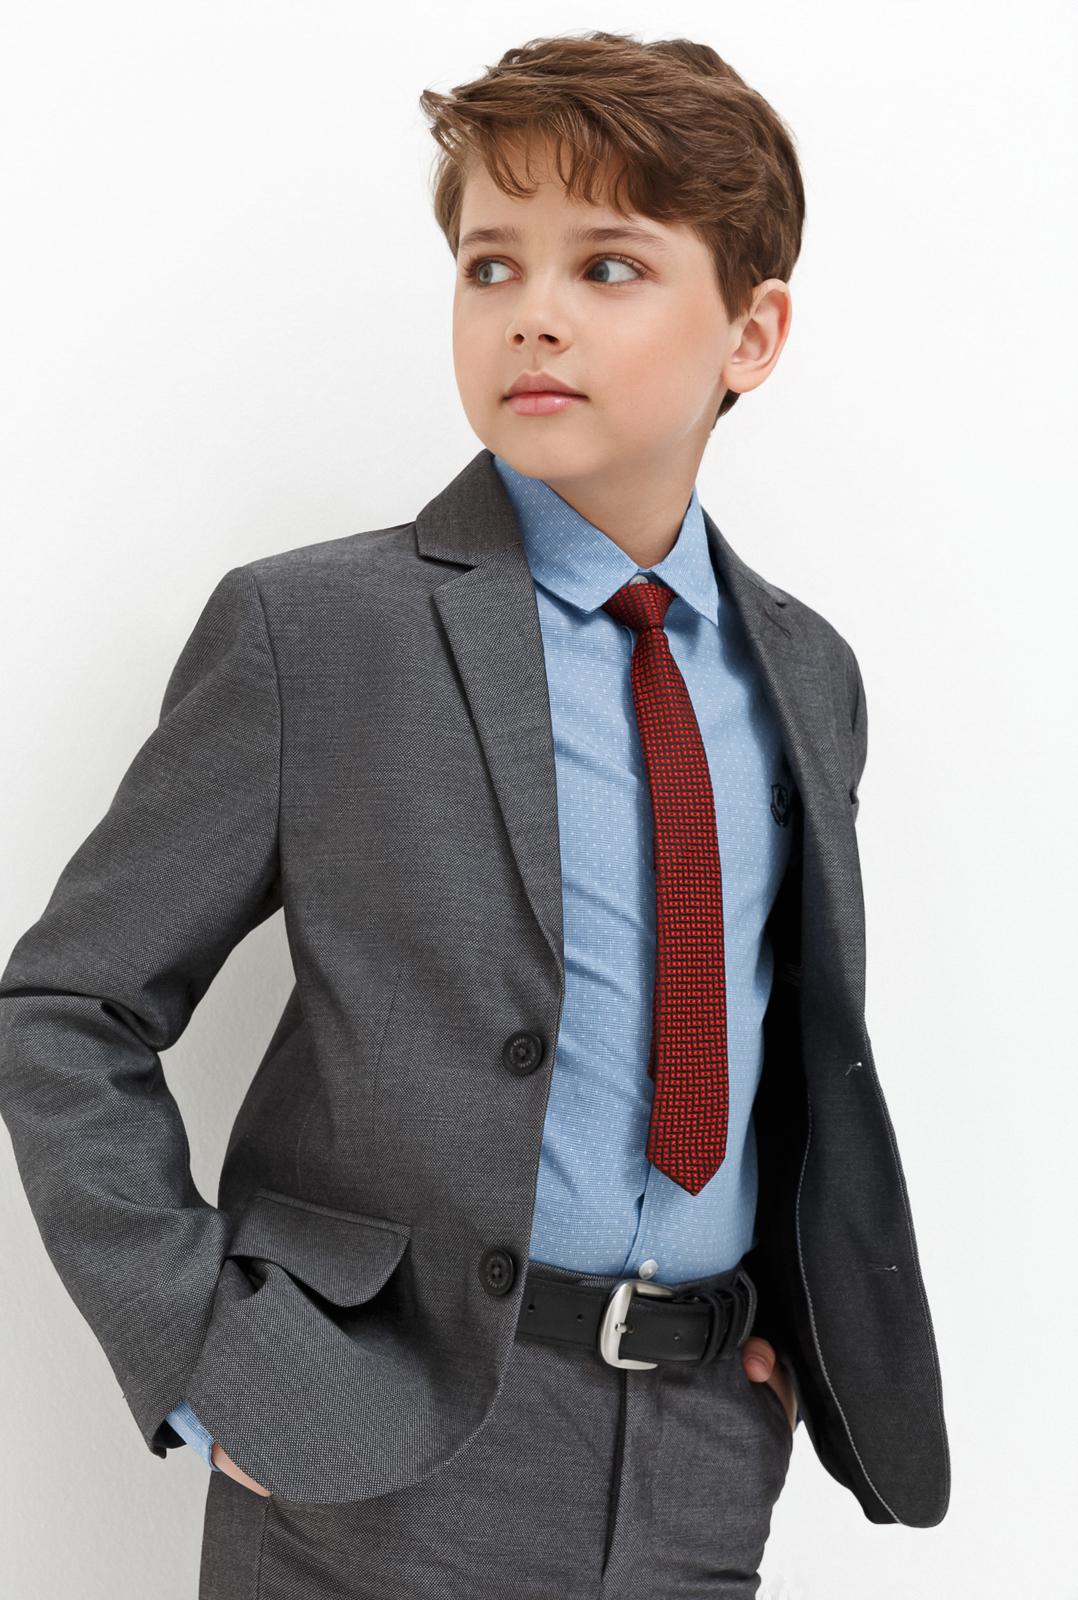 Пиджак для мальчика Acoola Gresham, цвет: серый. 20140130029_1900. Размер 134